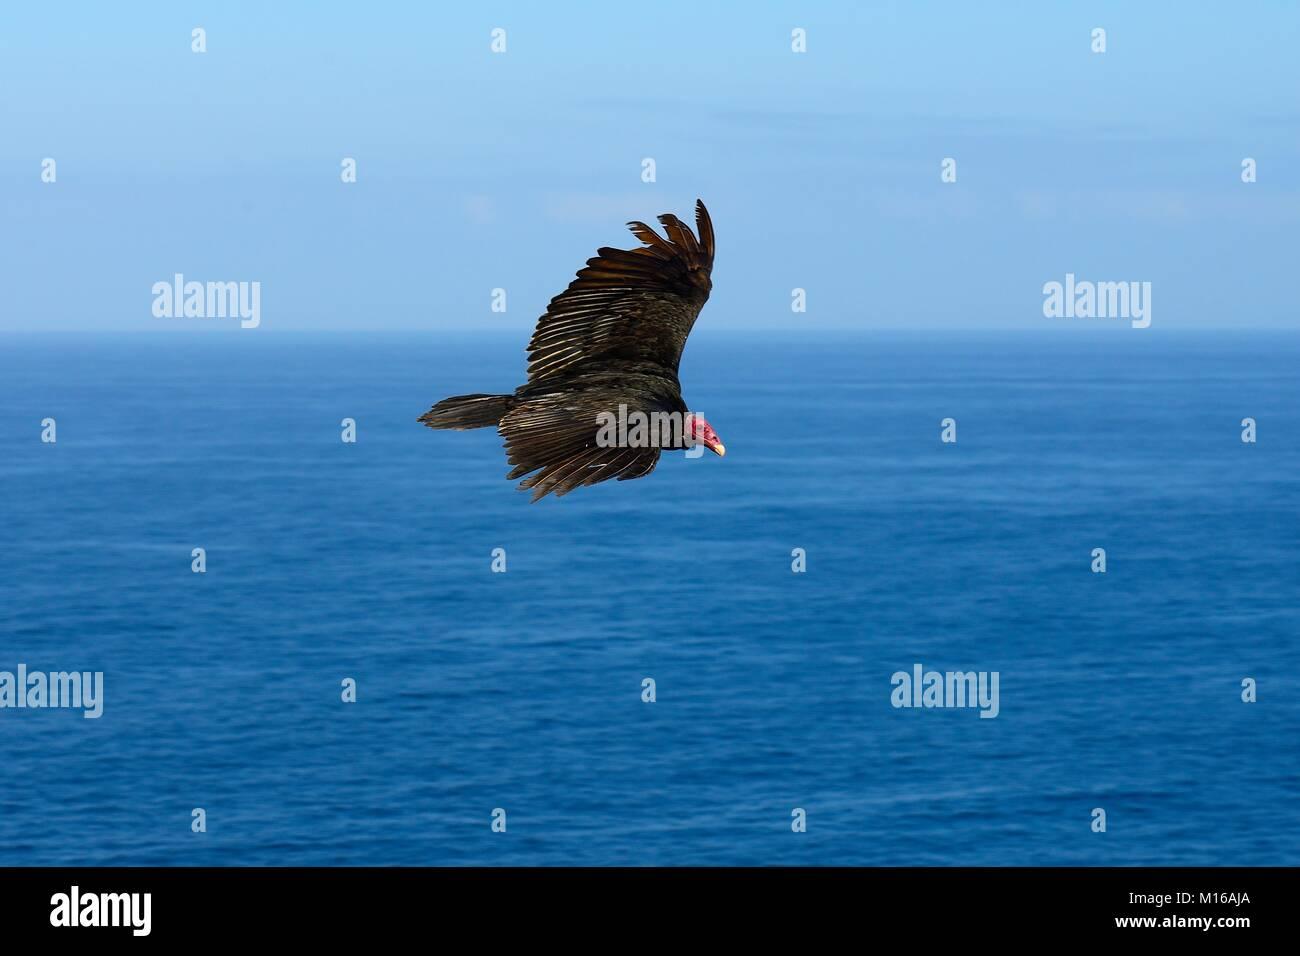 Turkey vulture (Cathartes aura) in flight over the sea, Región de Antofagasta, Chile - Stock Image